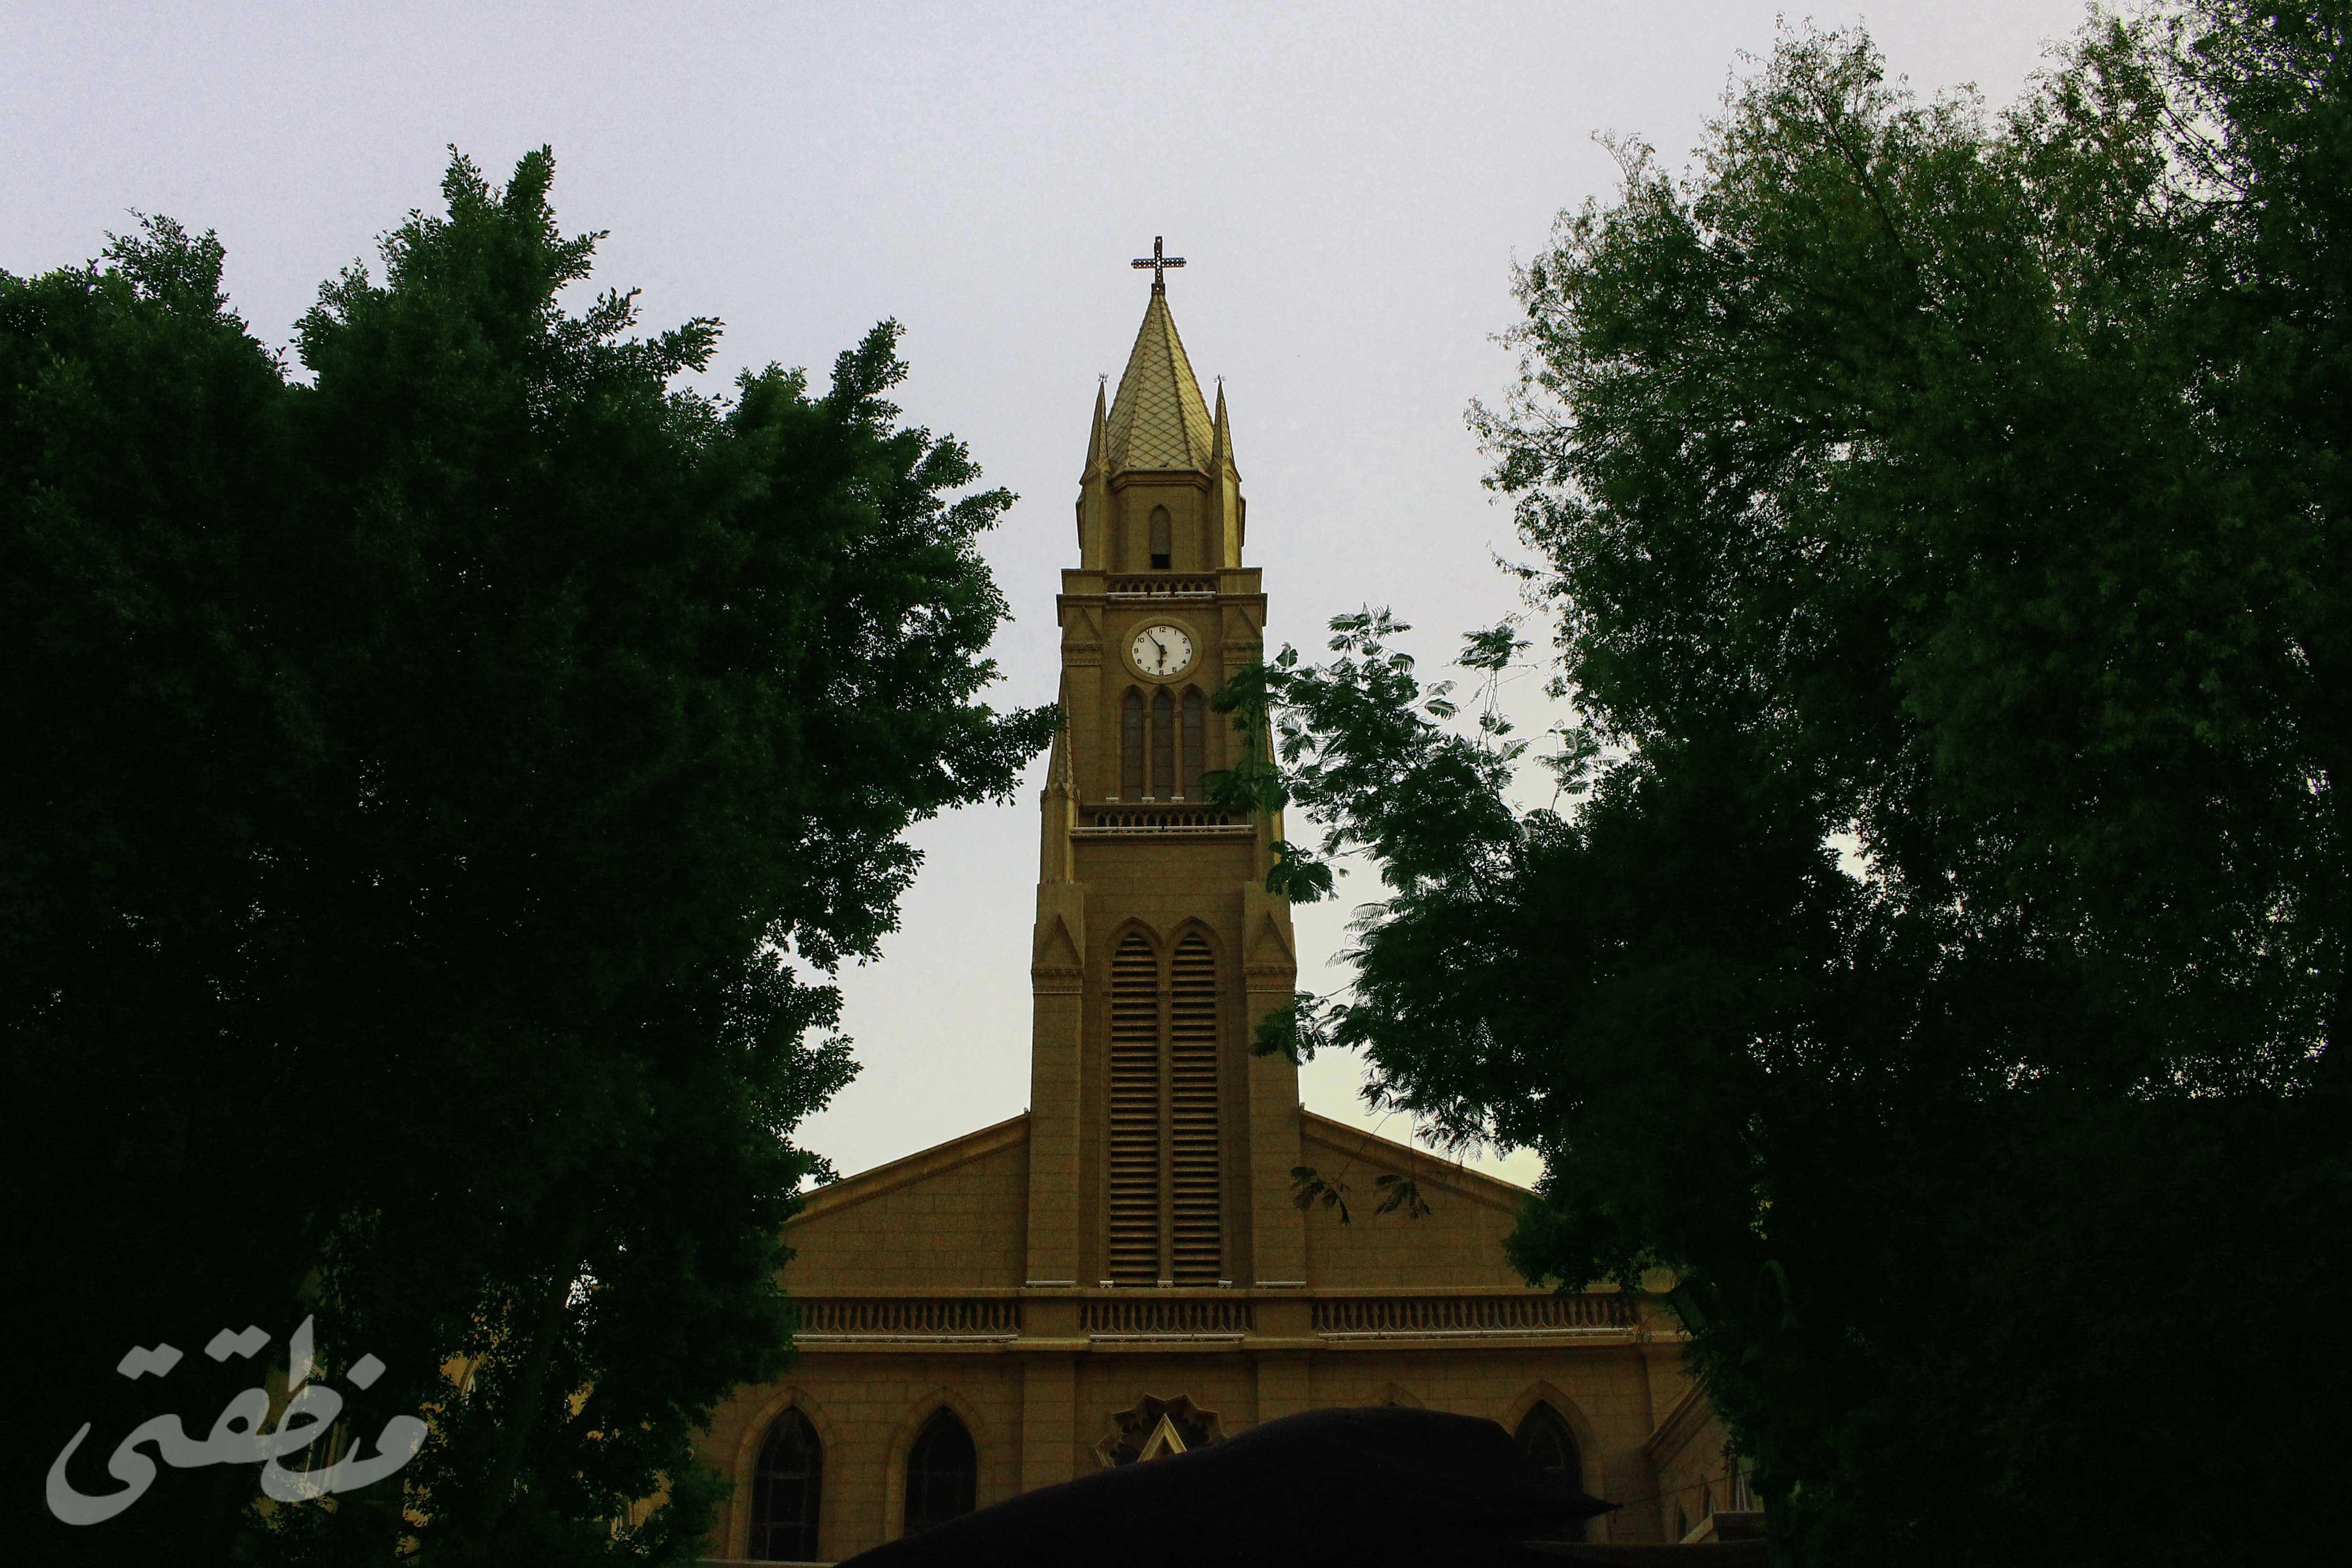 كنيسة قصر الدوبارة من الخارج- تصوير - صديق البخشونجي